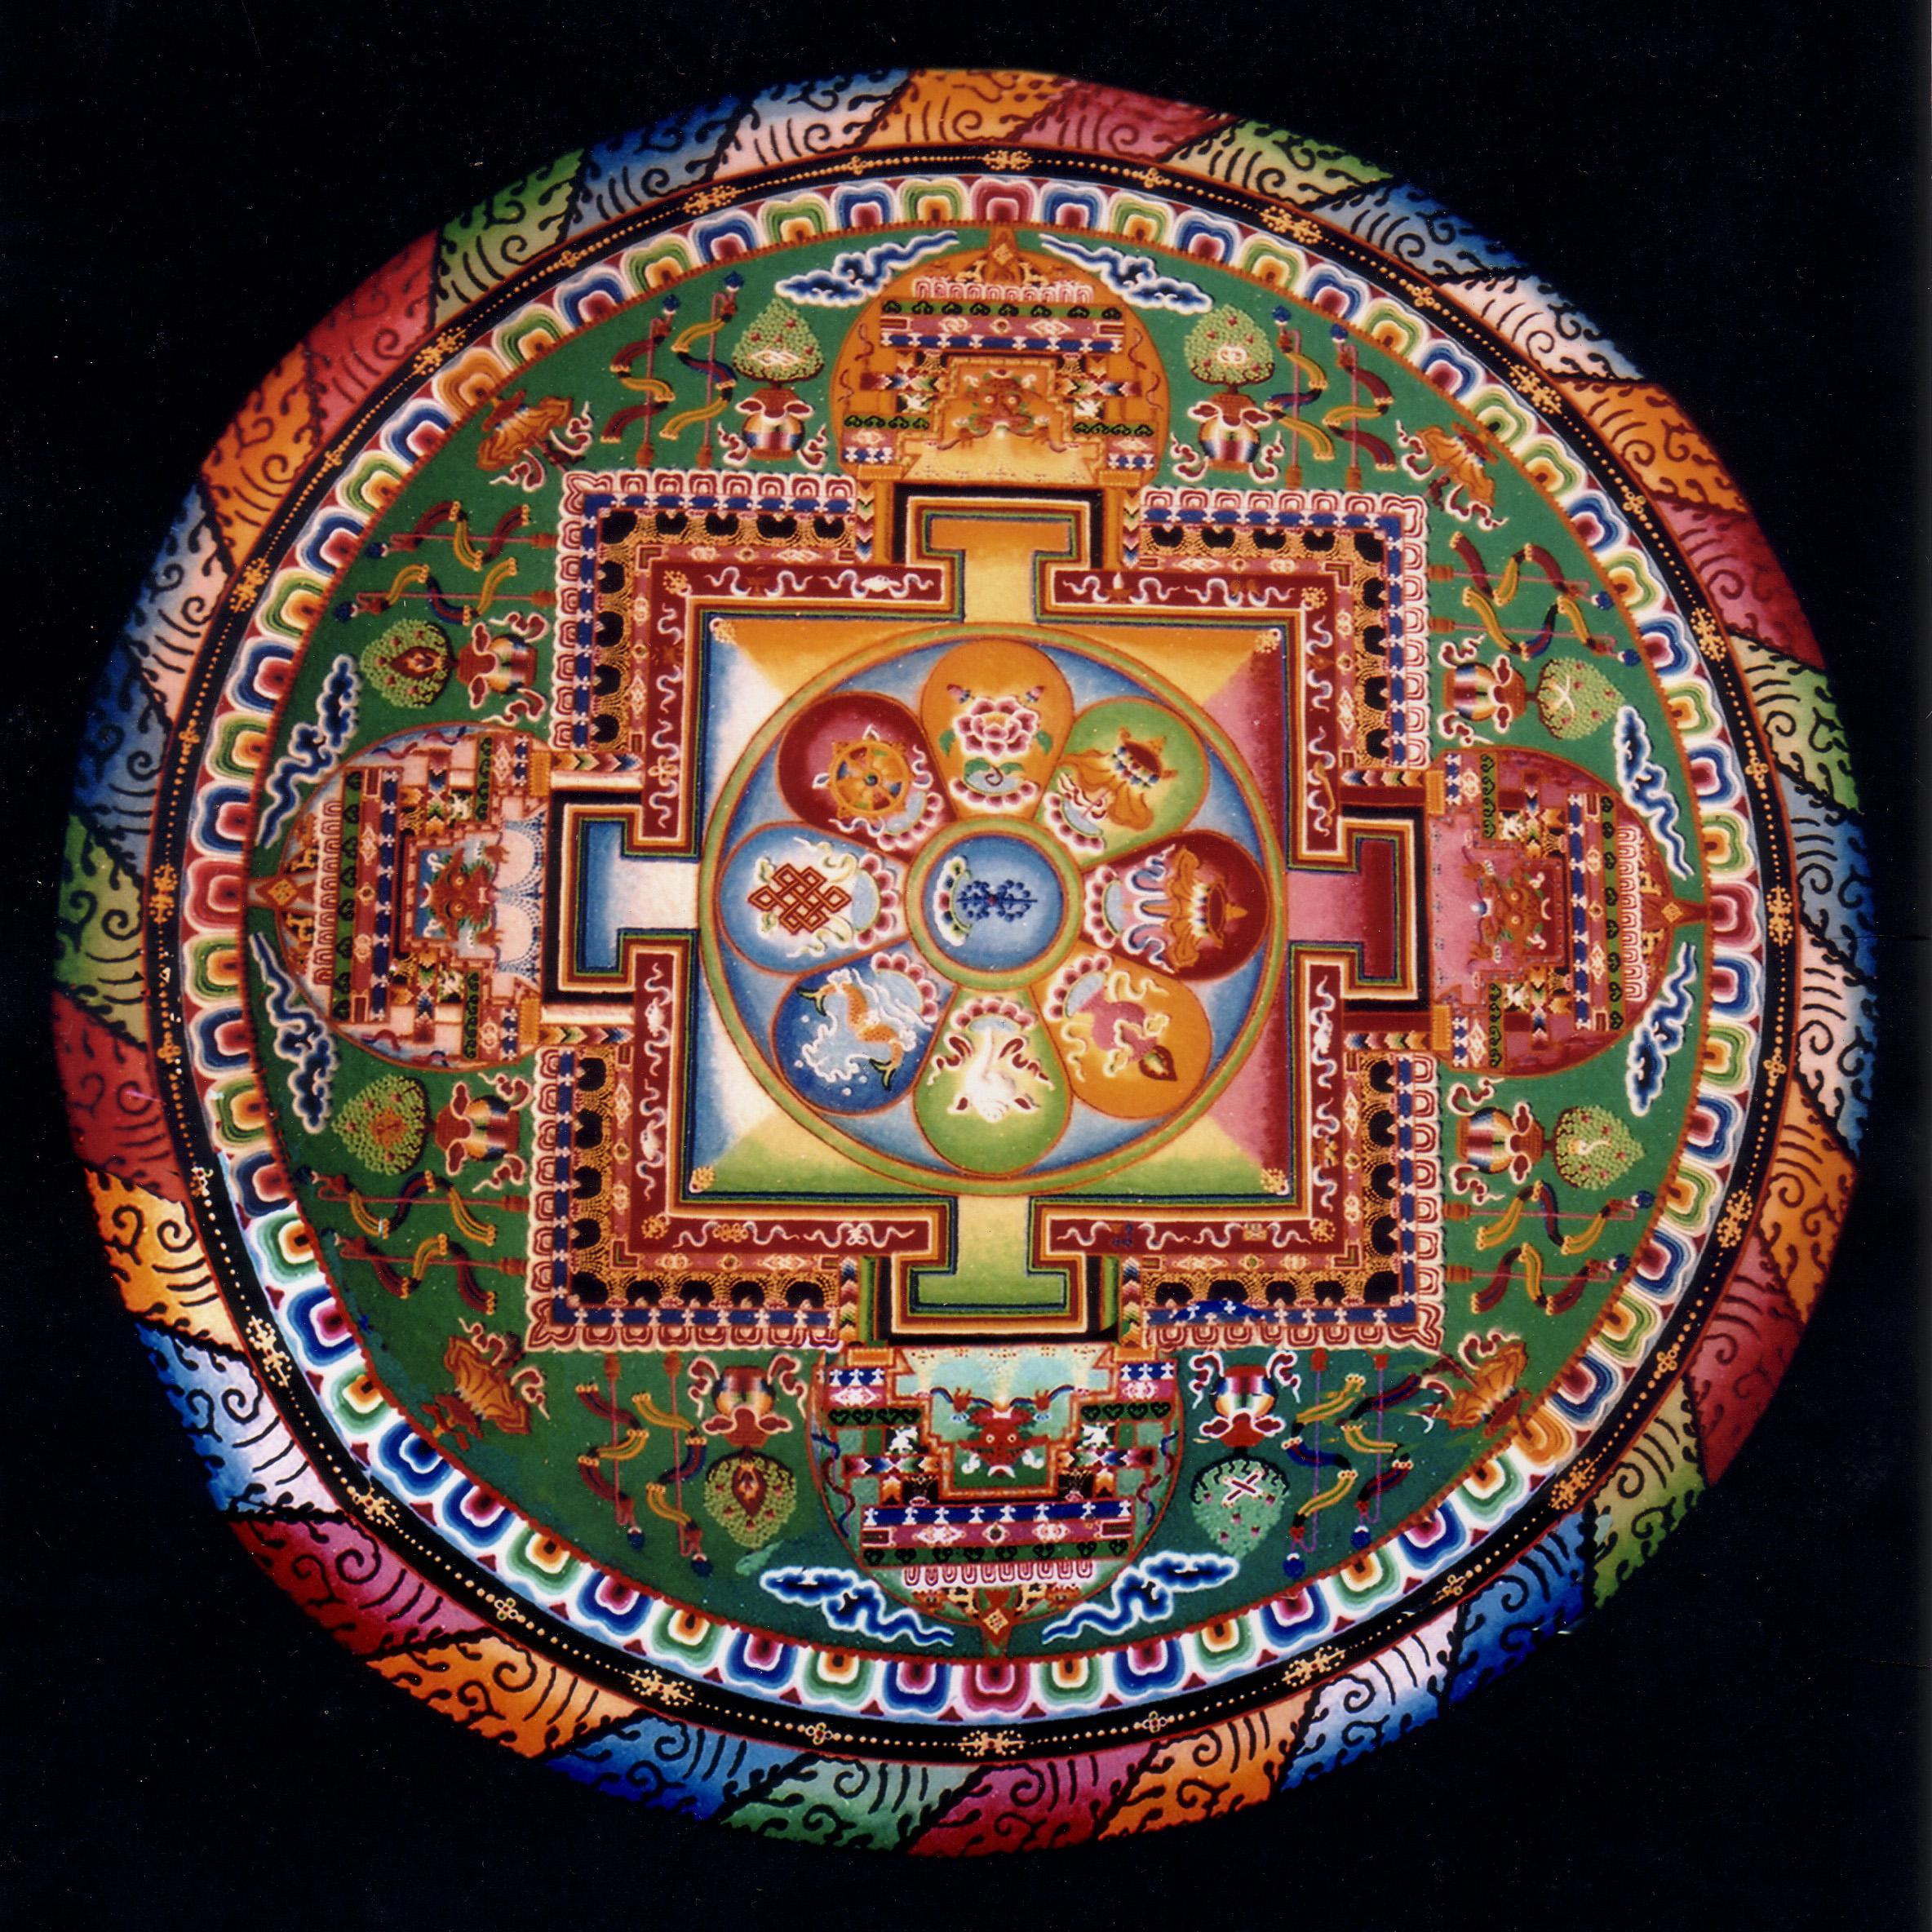 hindu mandala wallpaper - photo #27